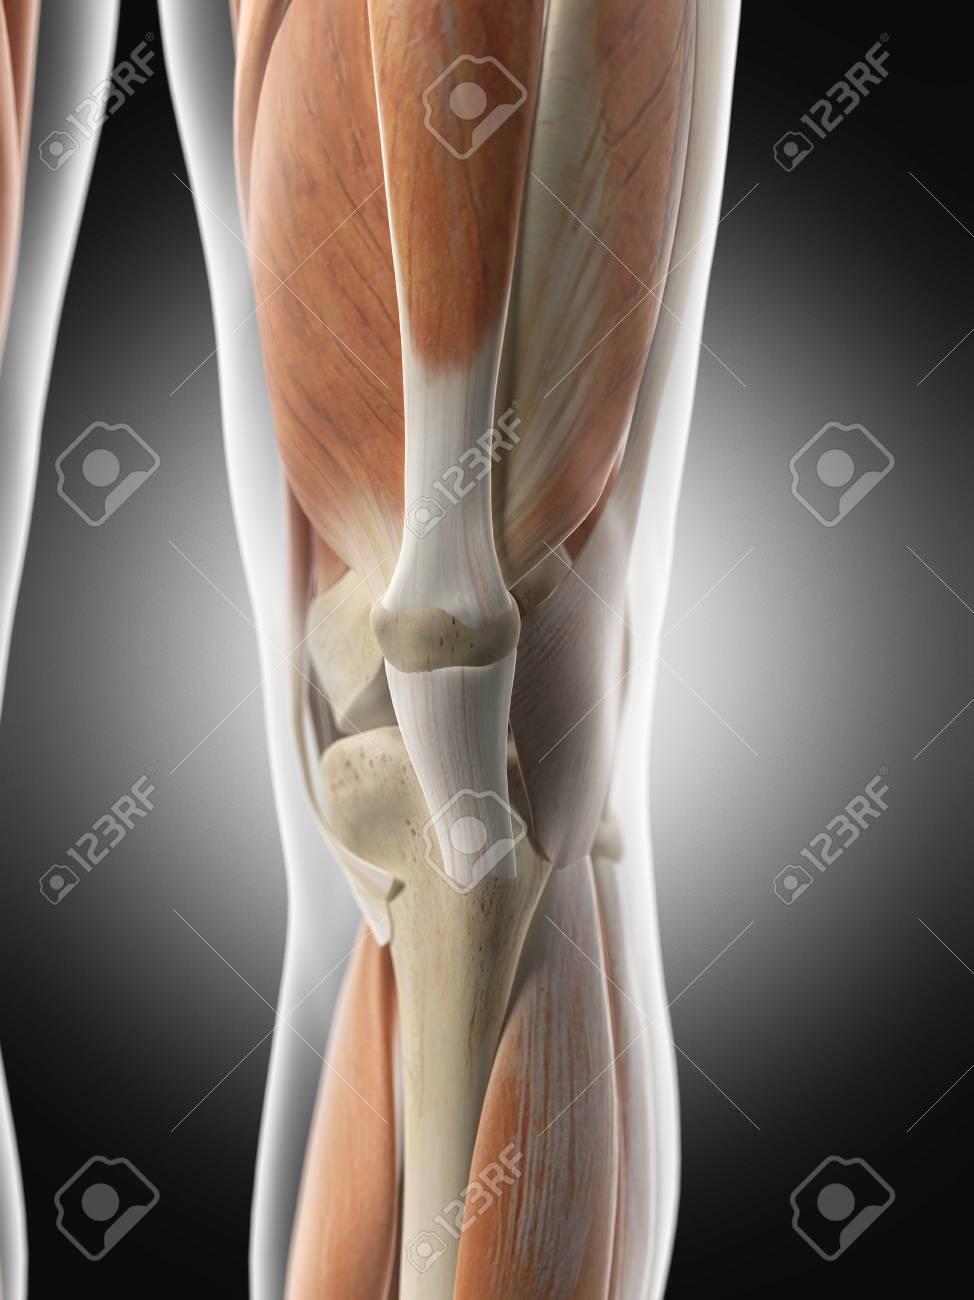 Músculos Del Brazo Humano, Ilustración Fotos, Retratos, Imágenes Y ...